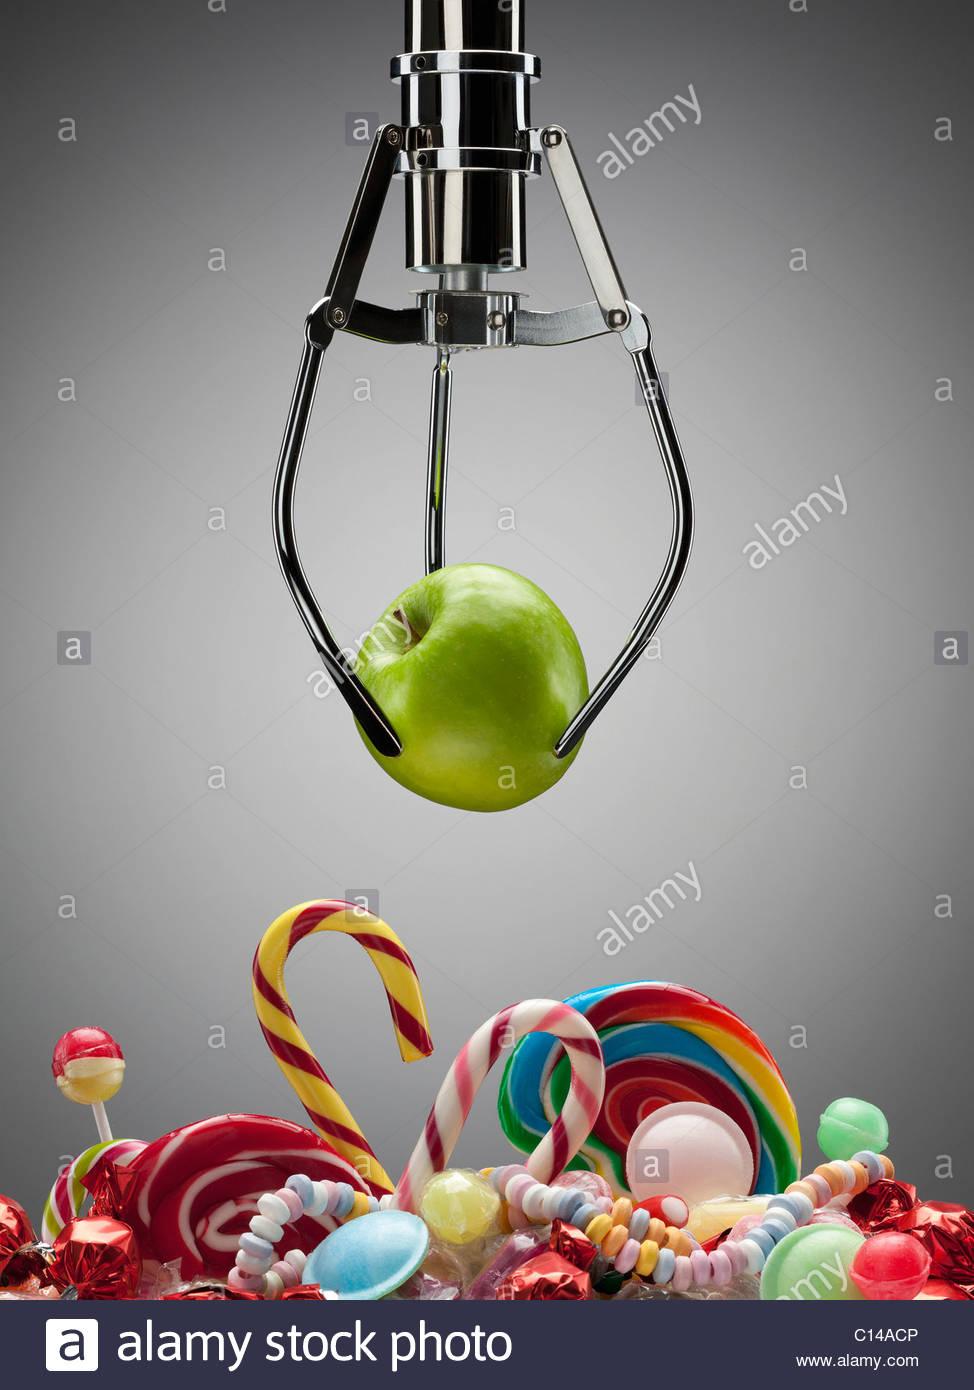 Crochet avec pomme verte au-dessus de variété de bonbons sucrés Photo Stock